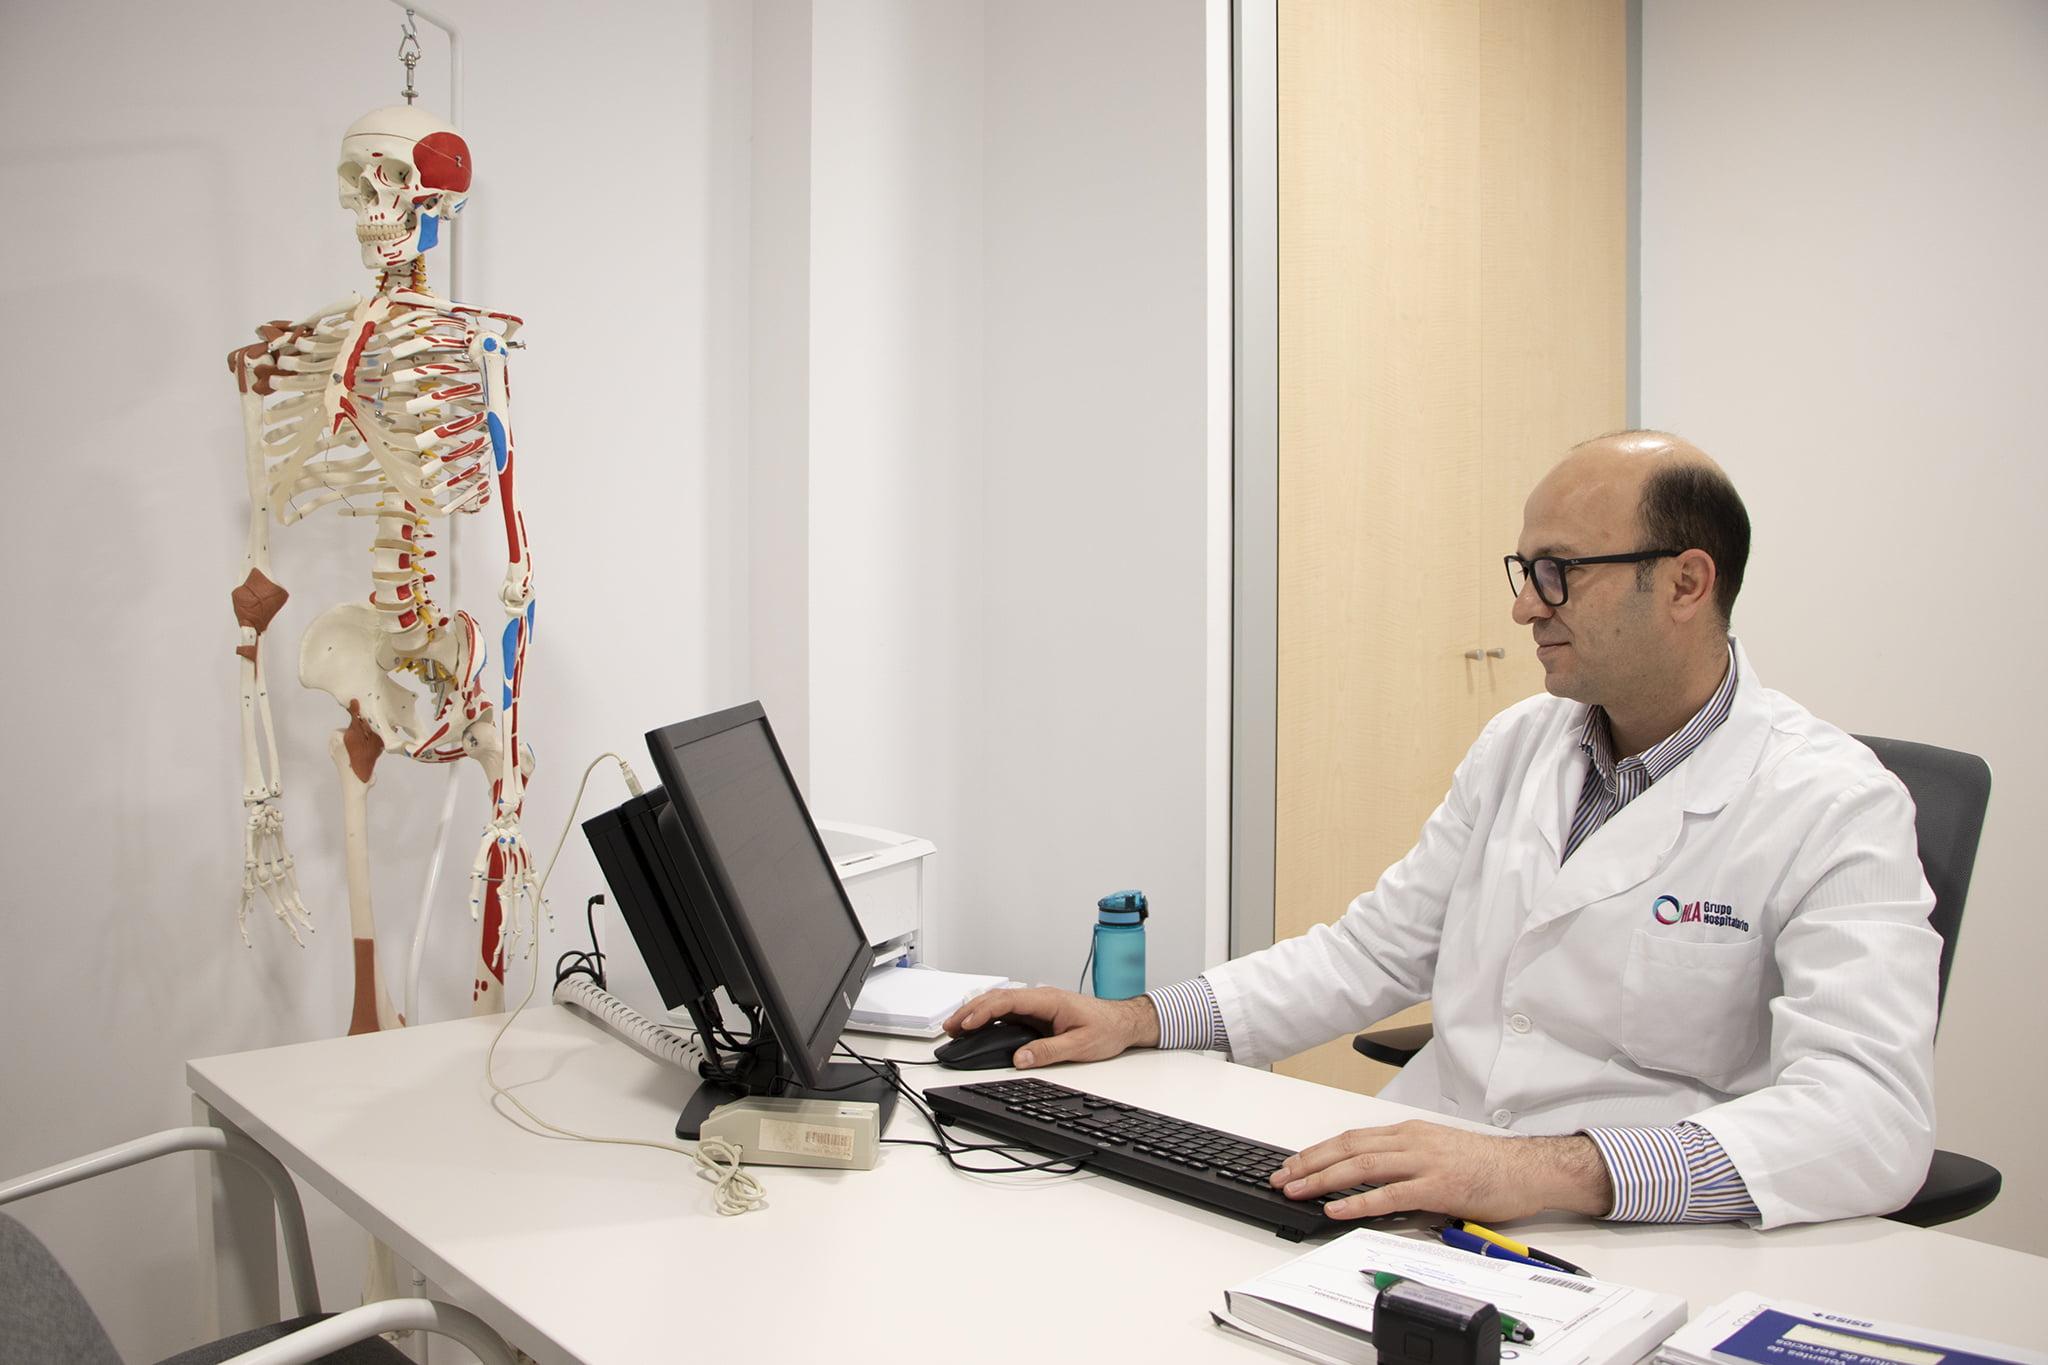 Consulta de traumatología en HLA San Carlos